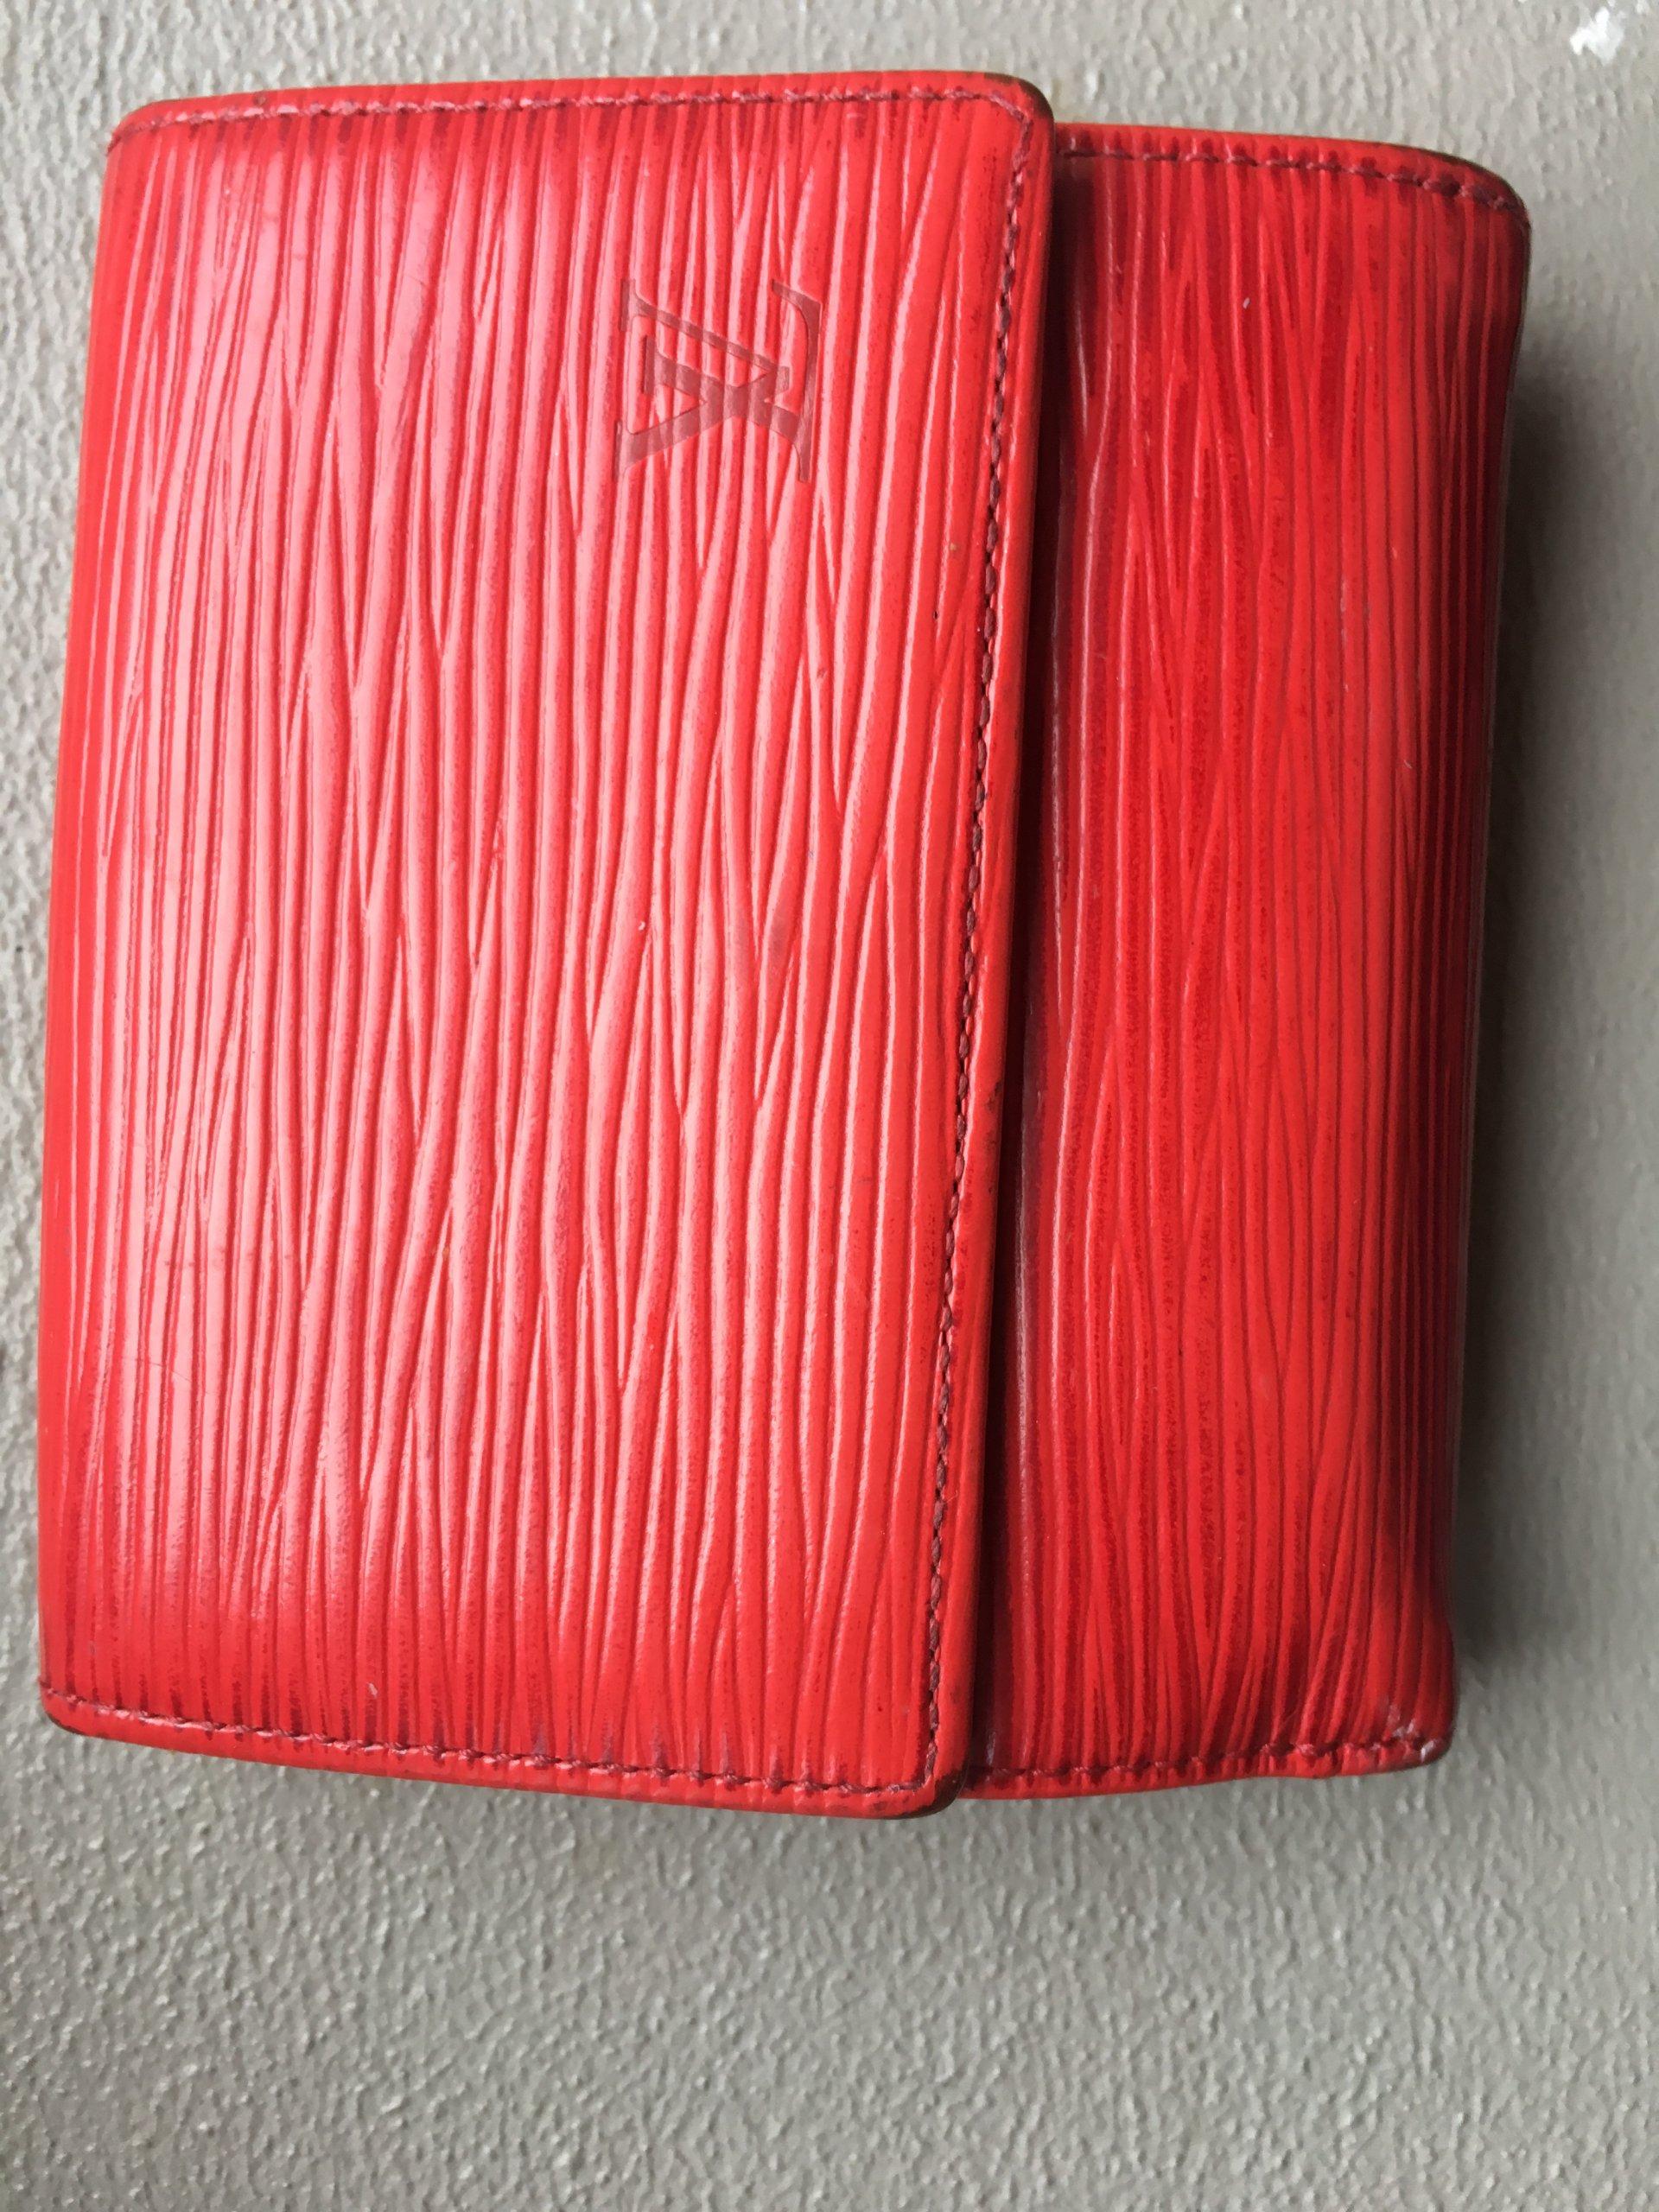 0bfd1a824612a Louis Vuitton portfel Elise oryginalny - 7055181063 - oficjalne ...